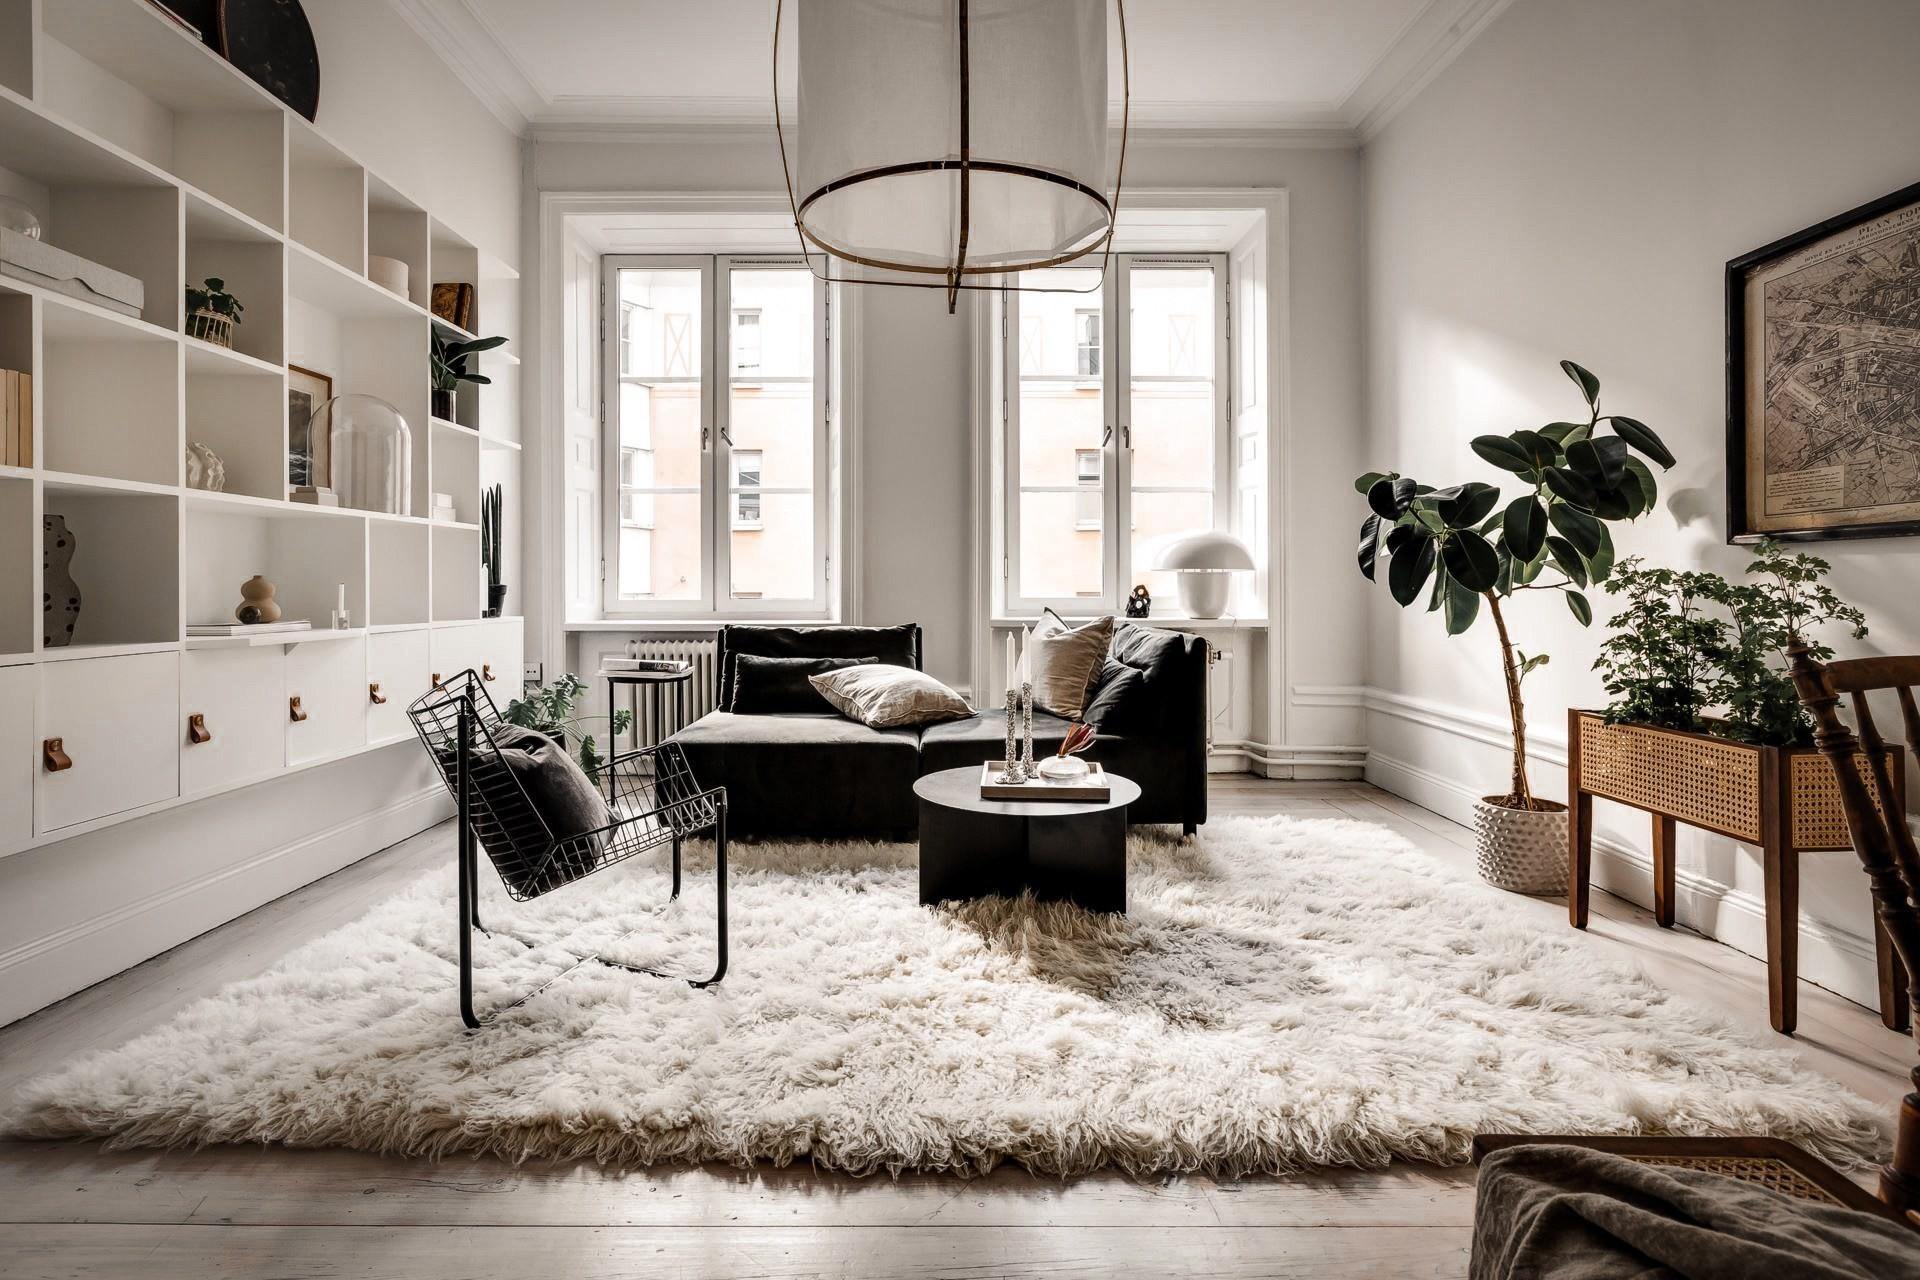 Bài trí nội thất tưởng đơn giản, ít ỏi, căn hộ nhỏ 44m2 ở Nga vẫn hiện lên vô cùng lộng lẫy - Ảnh 2.